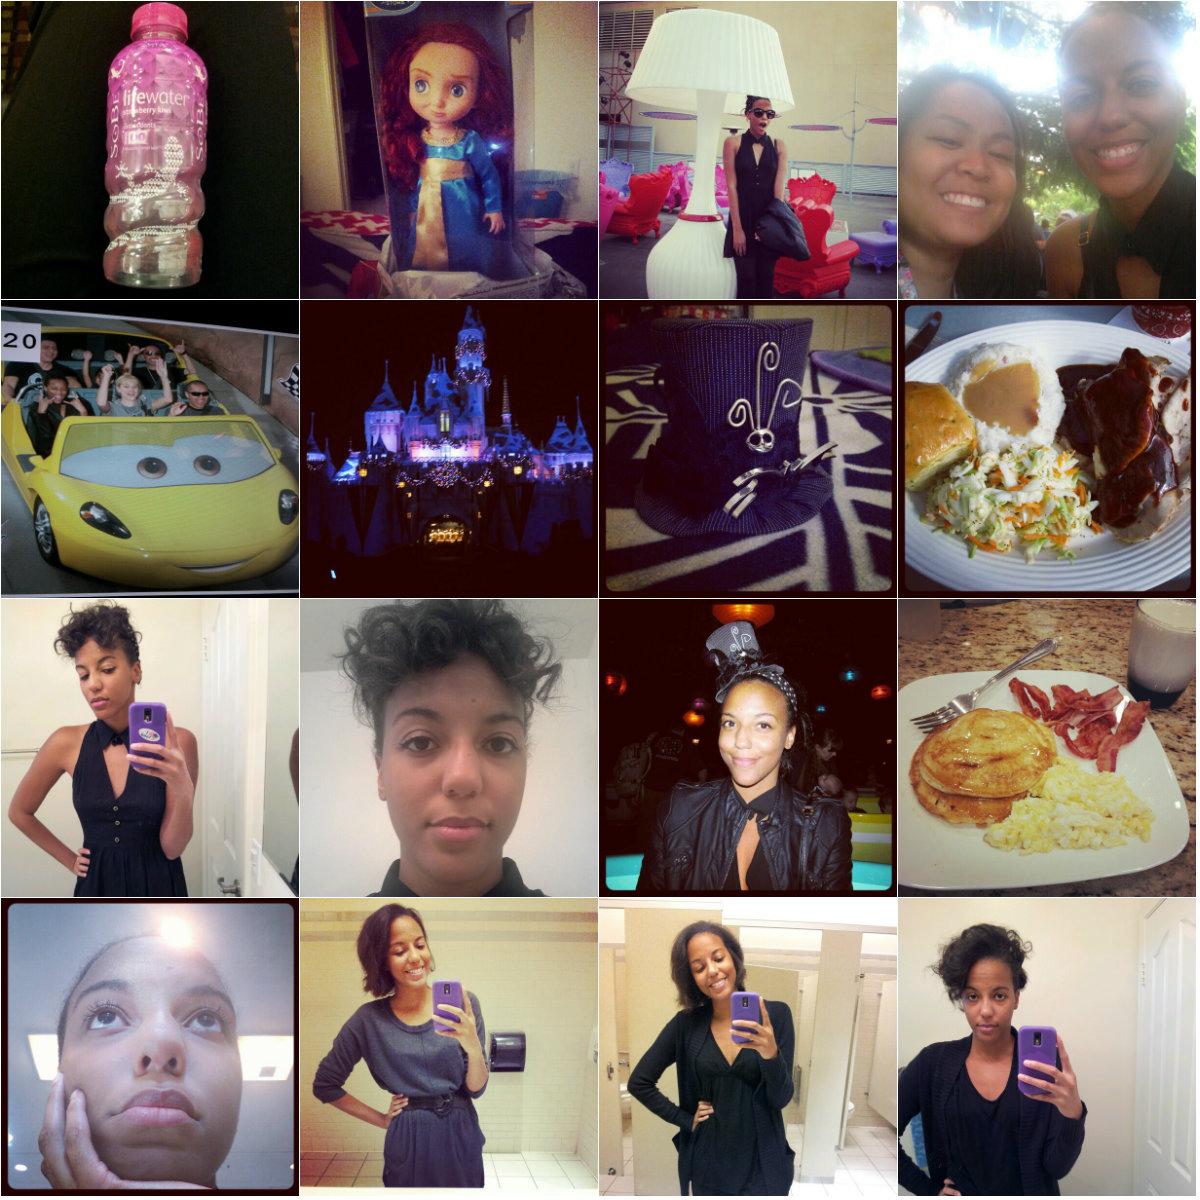 http://4.bp.blogspot.com/-LGvTVg3BEso/UKpr5ctTxGI/AAAAAAAAEyc/uRUdfhQsD-E/s1600/collage876.jpg